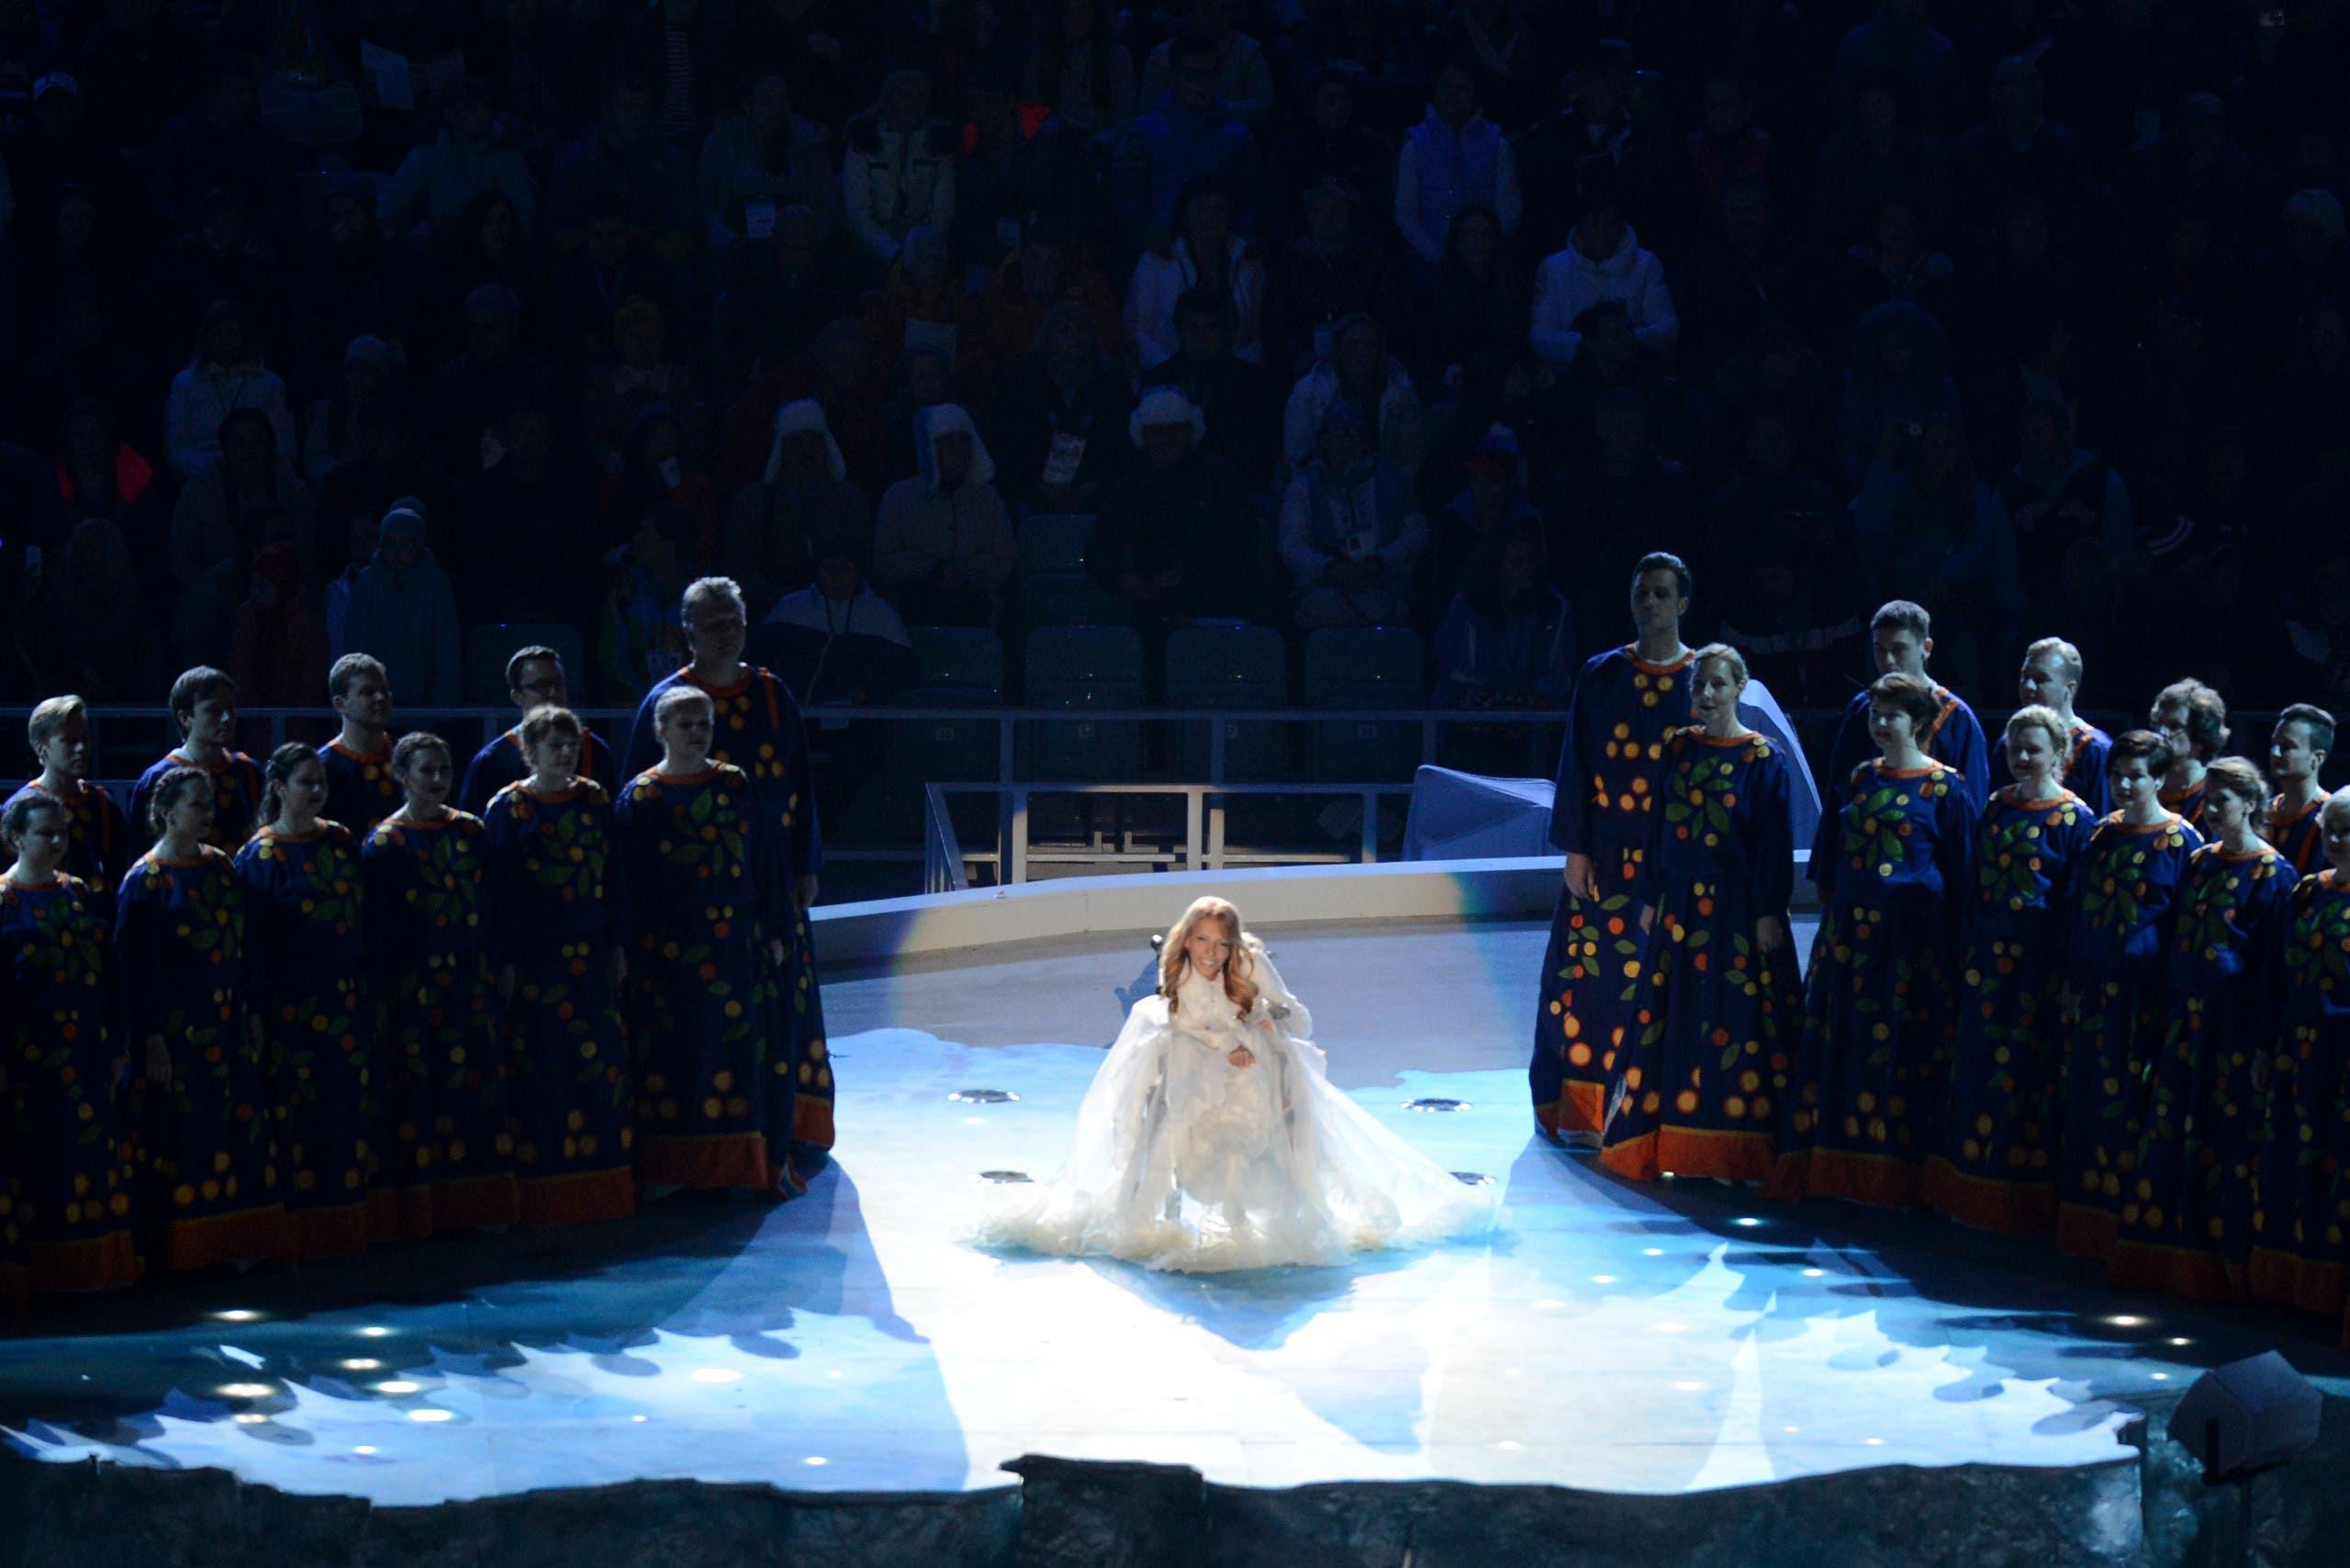 المغنية الروسية يوليا سامويلوفا خلال غنائها في حفل افتتاح الألعاب الأولمبية الشتائية للمعاقين في مدينة سوتشي الروسية في 2014